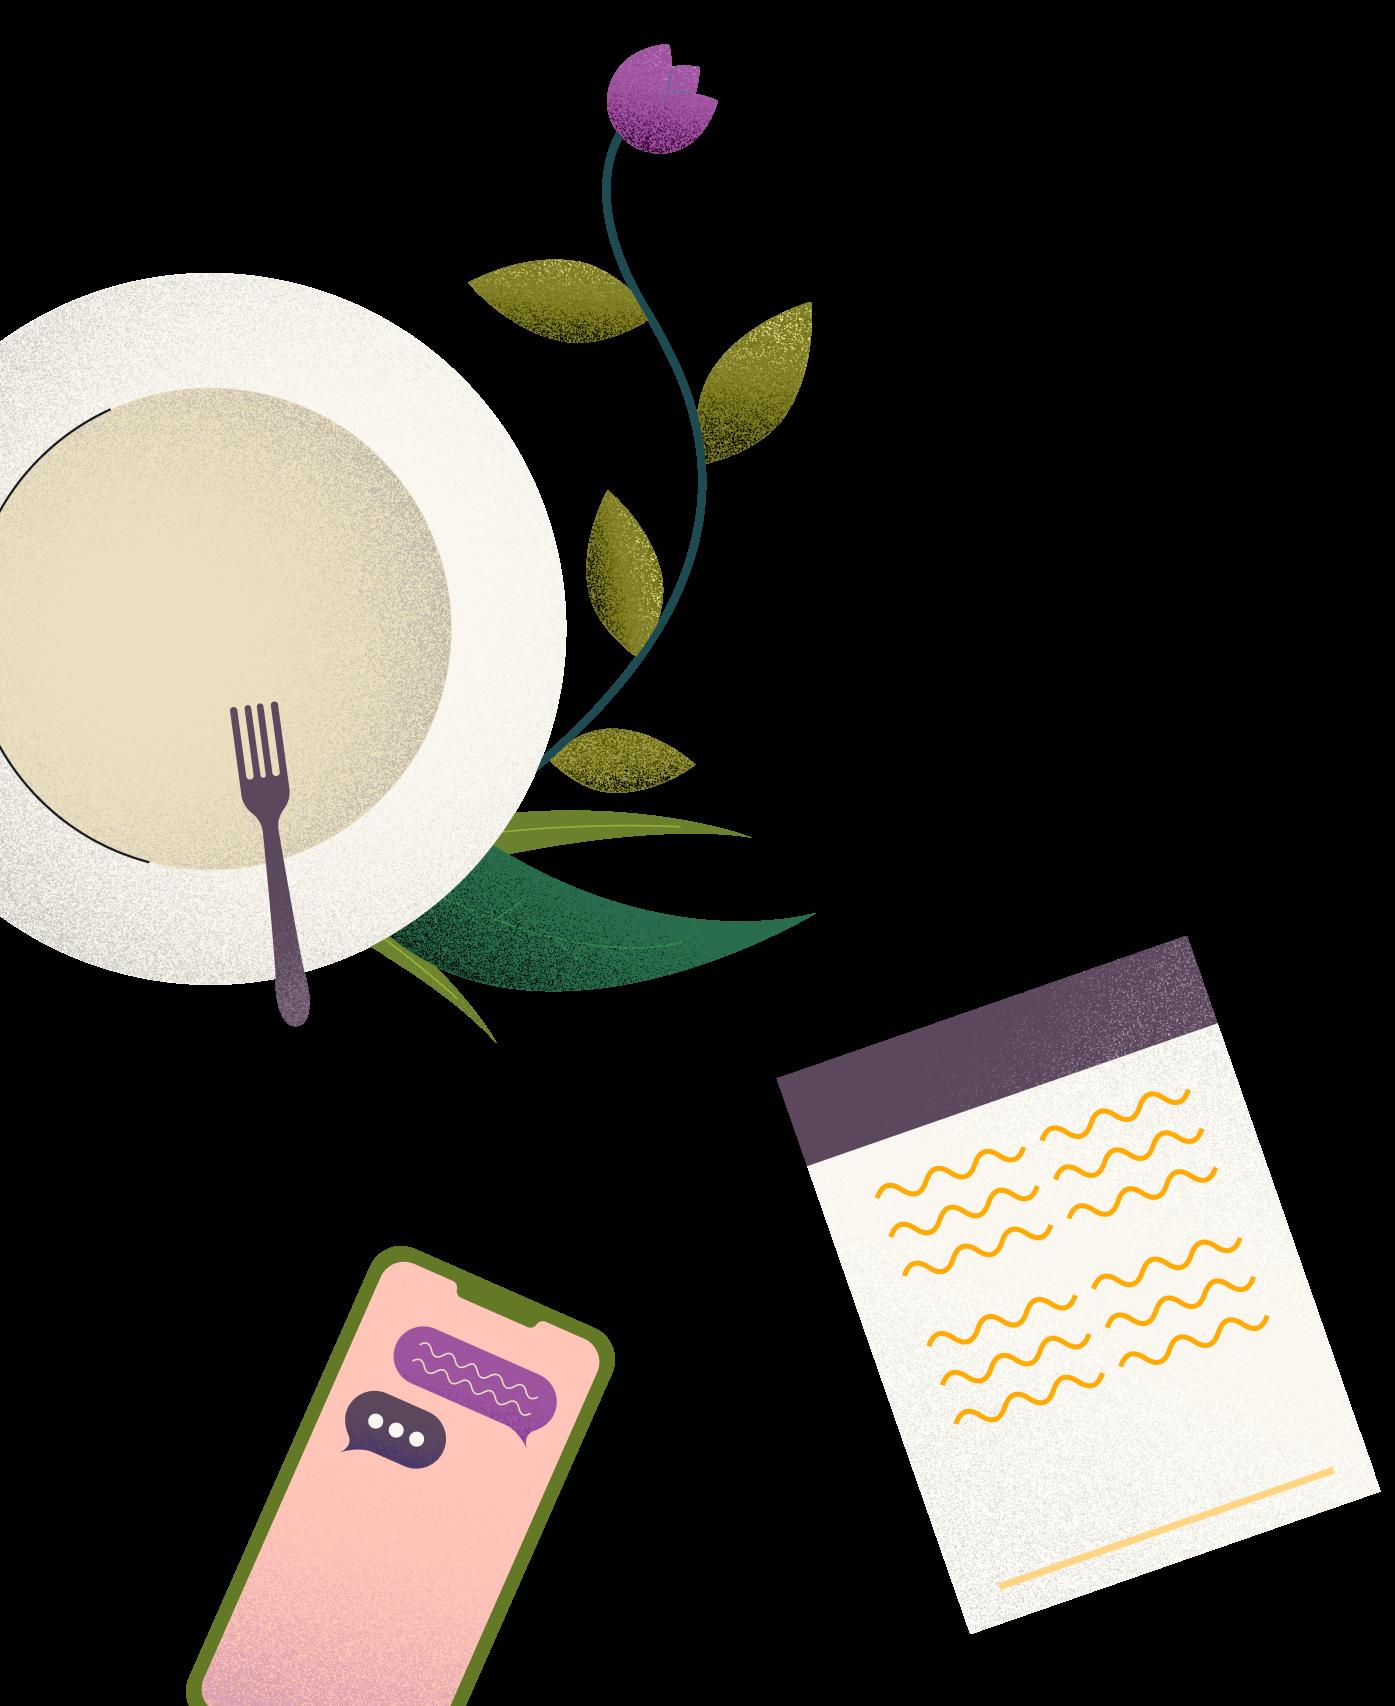 coffee leaf phone illustration